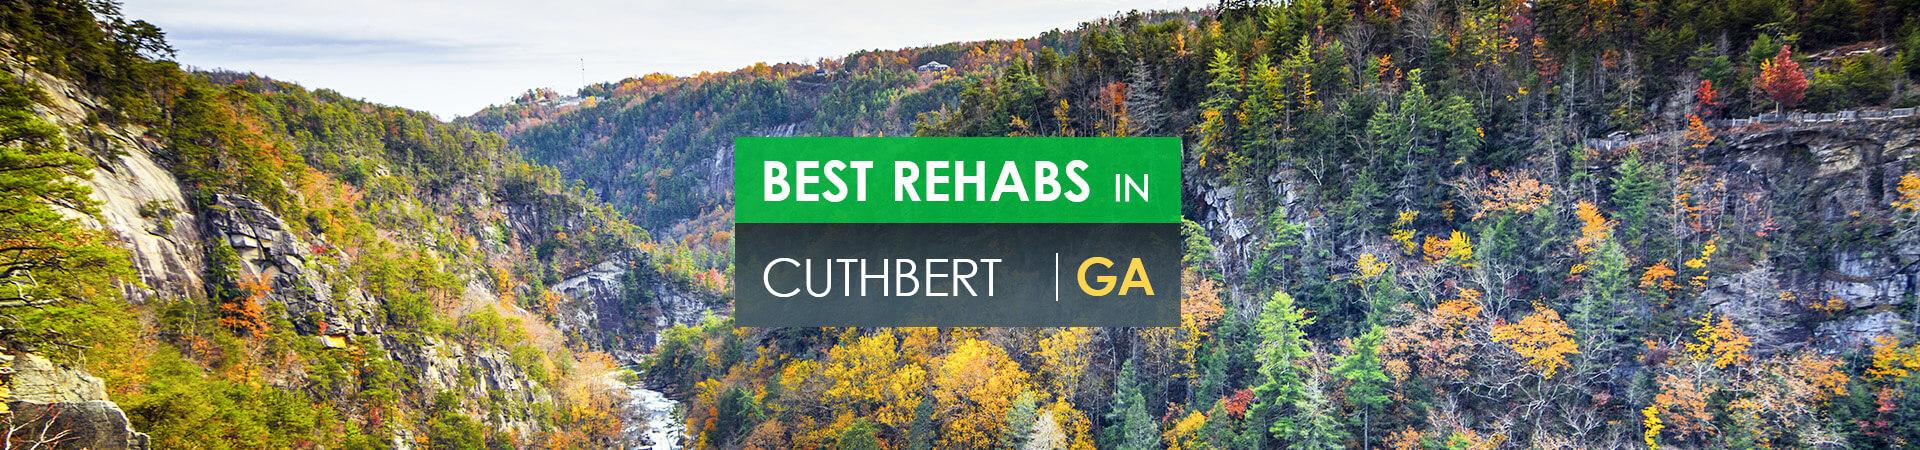 Best rehabs in Cuthbert, GA